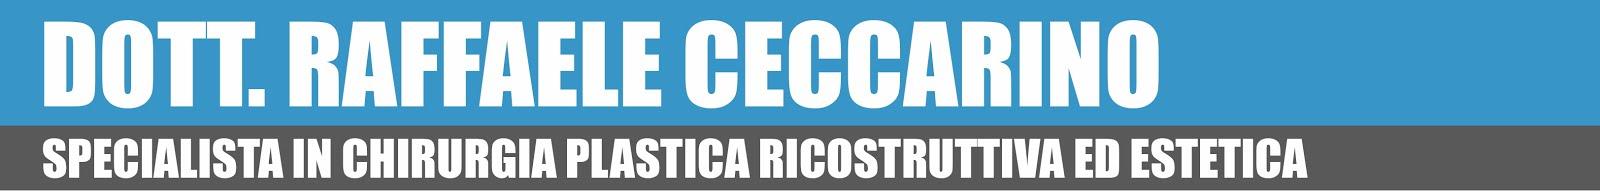 Dott. Raffaele Ceccarino